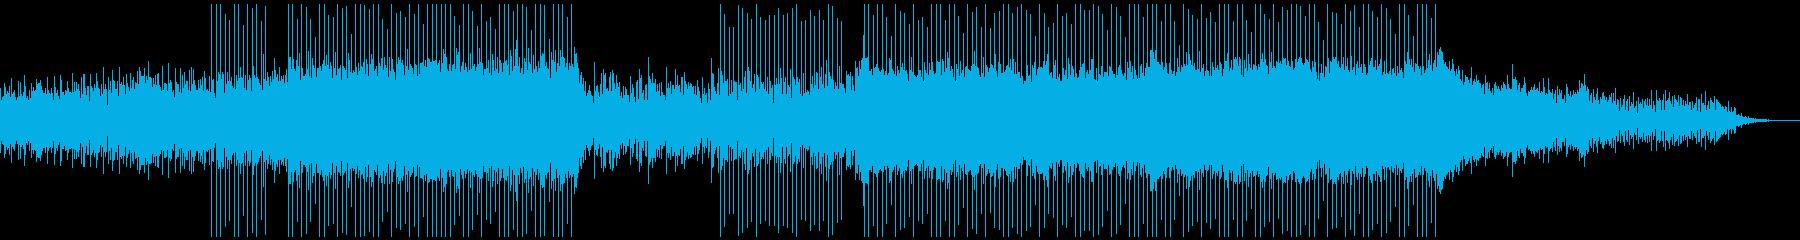 ピアノがきらきら綺麗なBGMの再生済みの波形